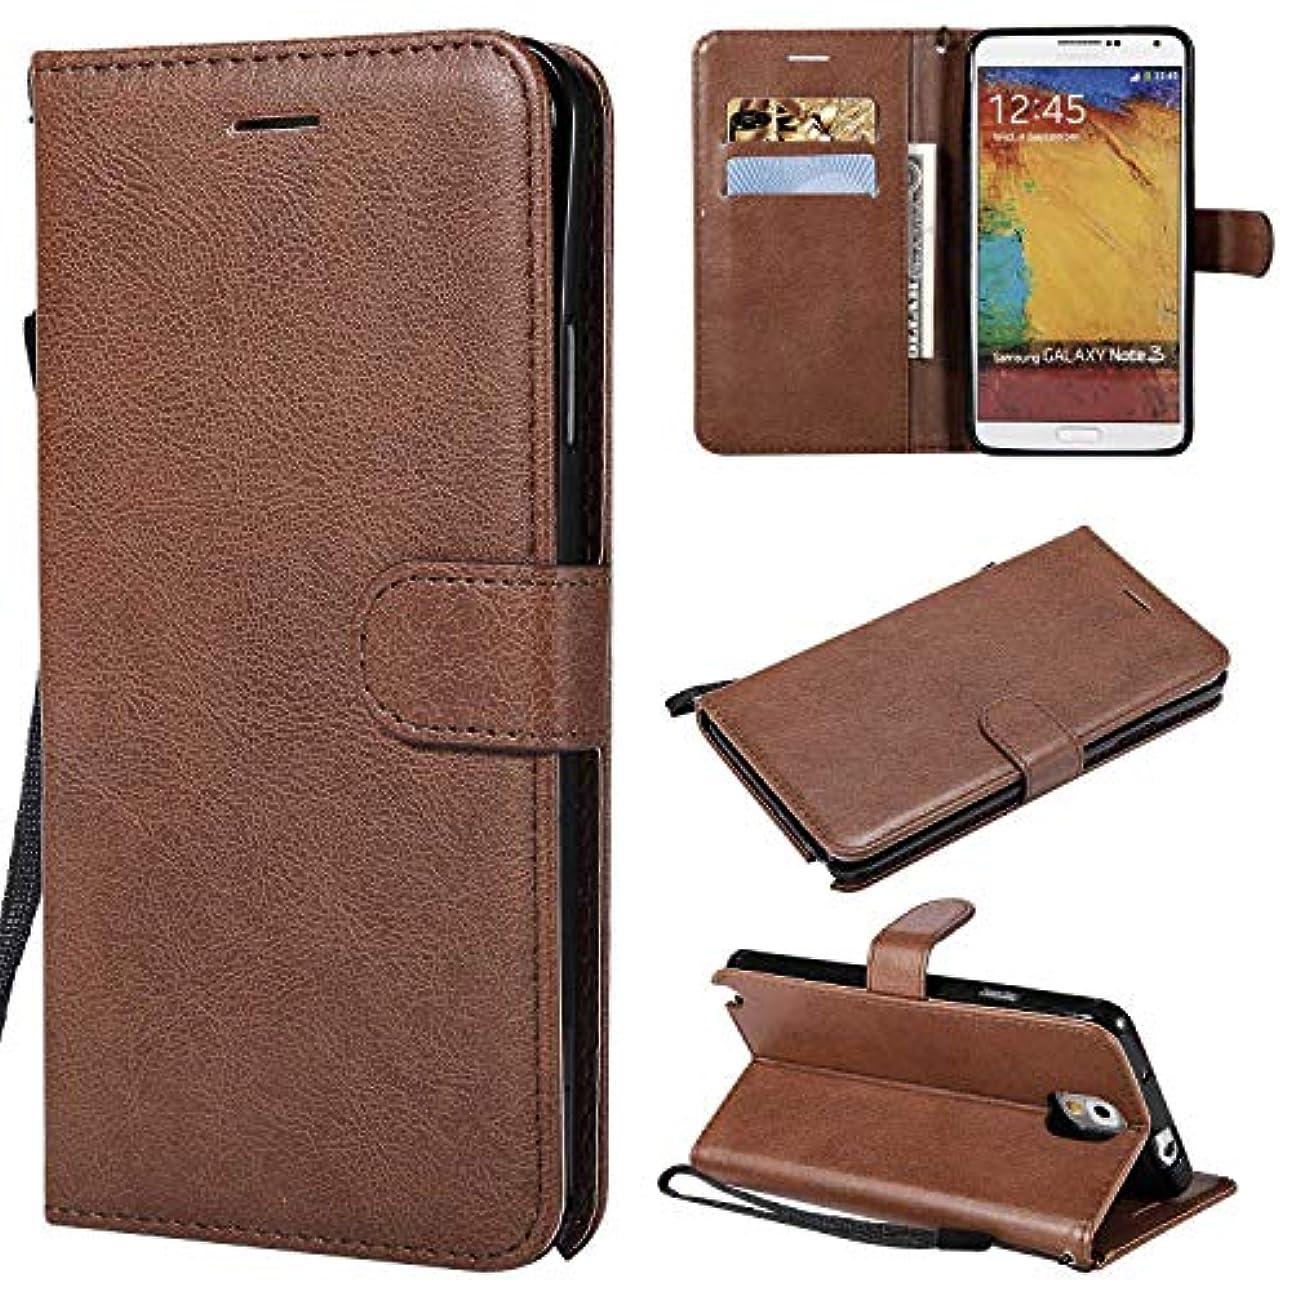 なしでミシン工業化するGalaxy Note 3 ケース手帳型 OMATENTI レザー 革 薄型 手帳型カバー カード入れ スタンド機能 サムスン Galaxy Note 3 おしゃれ 手帳ケース (1-ブラウン)